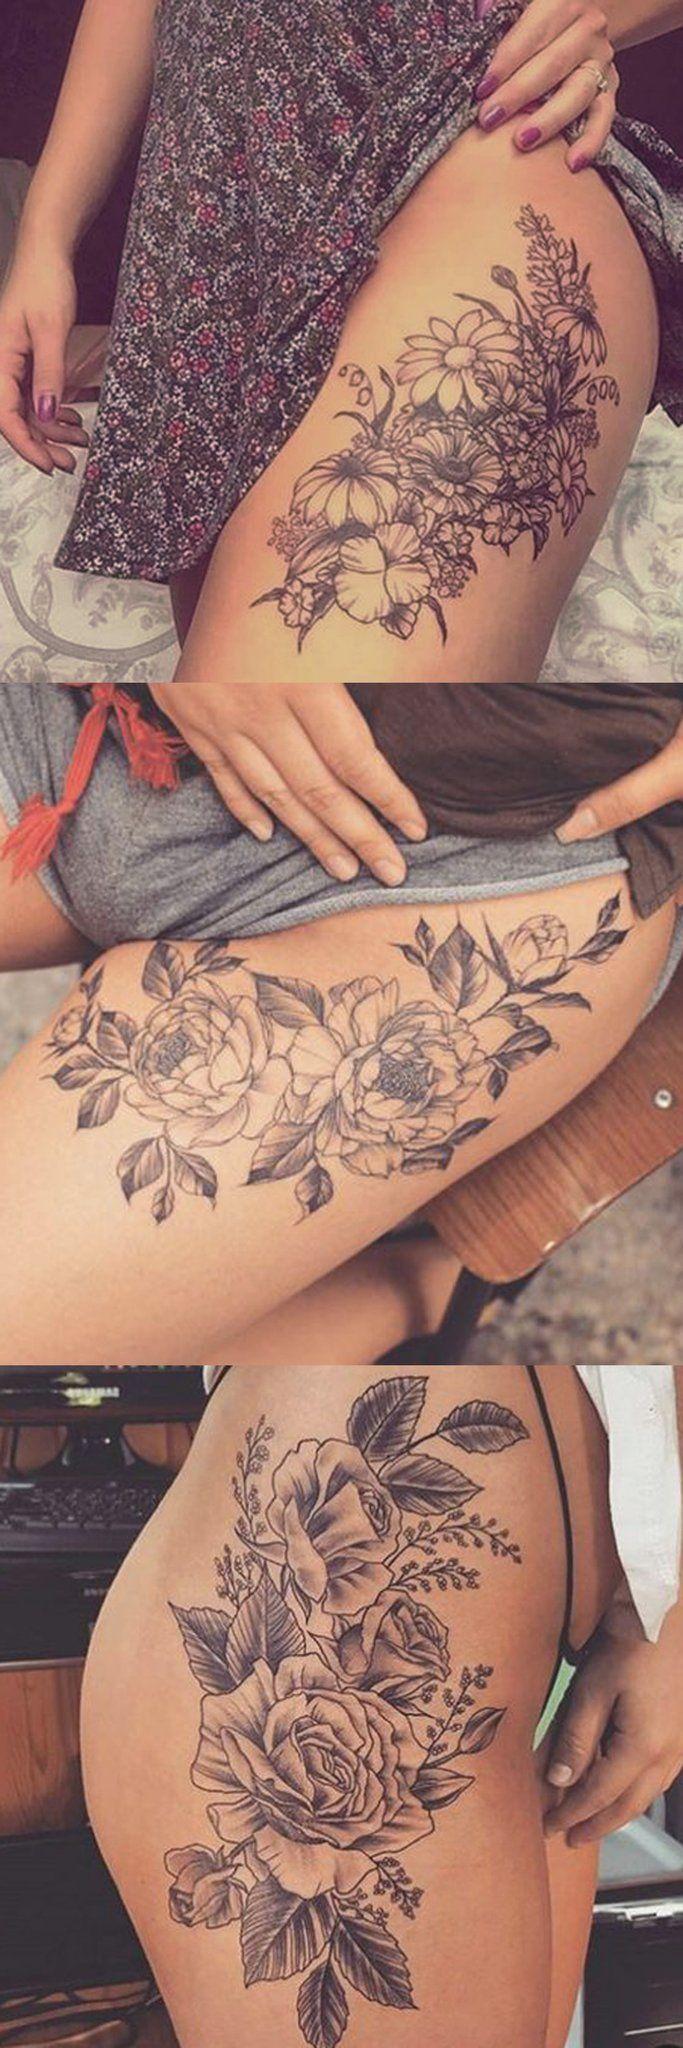 Wild Rose Oberschenkel Tattoo Ideen bei MyBodiArt.com – Delicate Floral Flower Leg Tatt